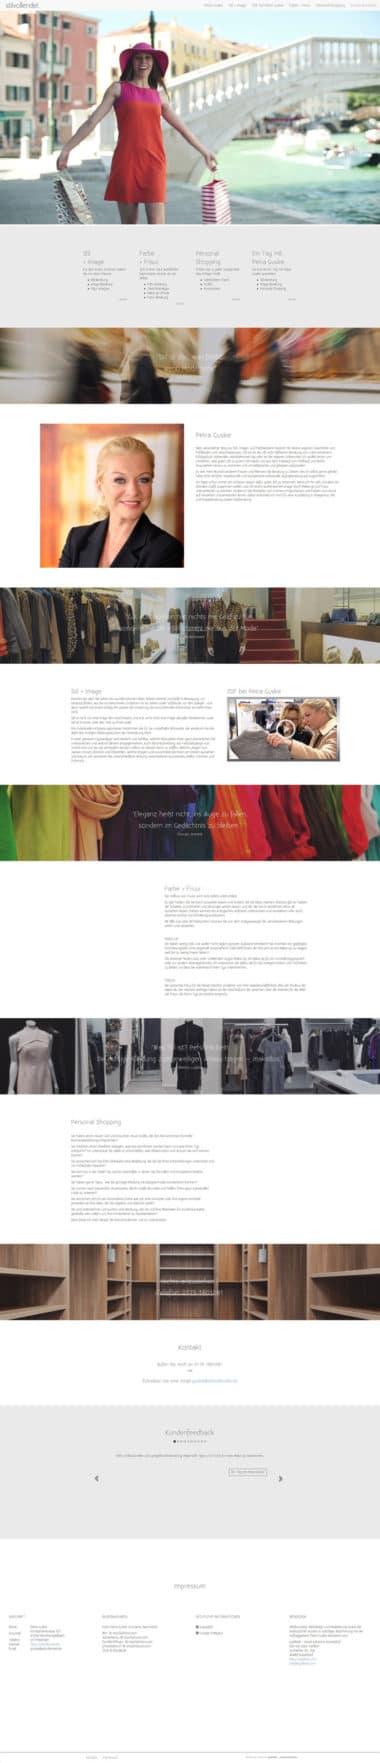 Webdesign für Fashion - stilvollendet - Stil-, Image- und Farbberatung